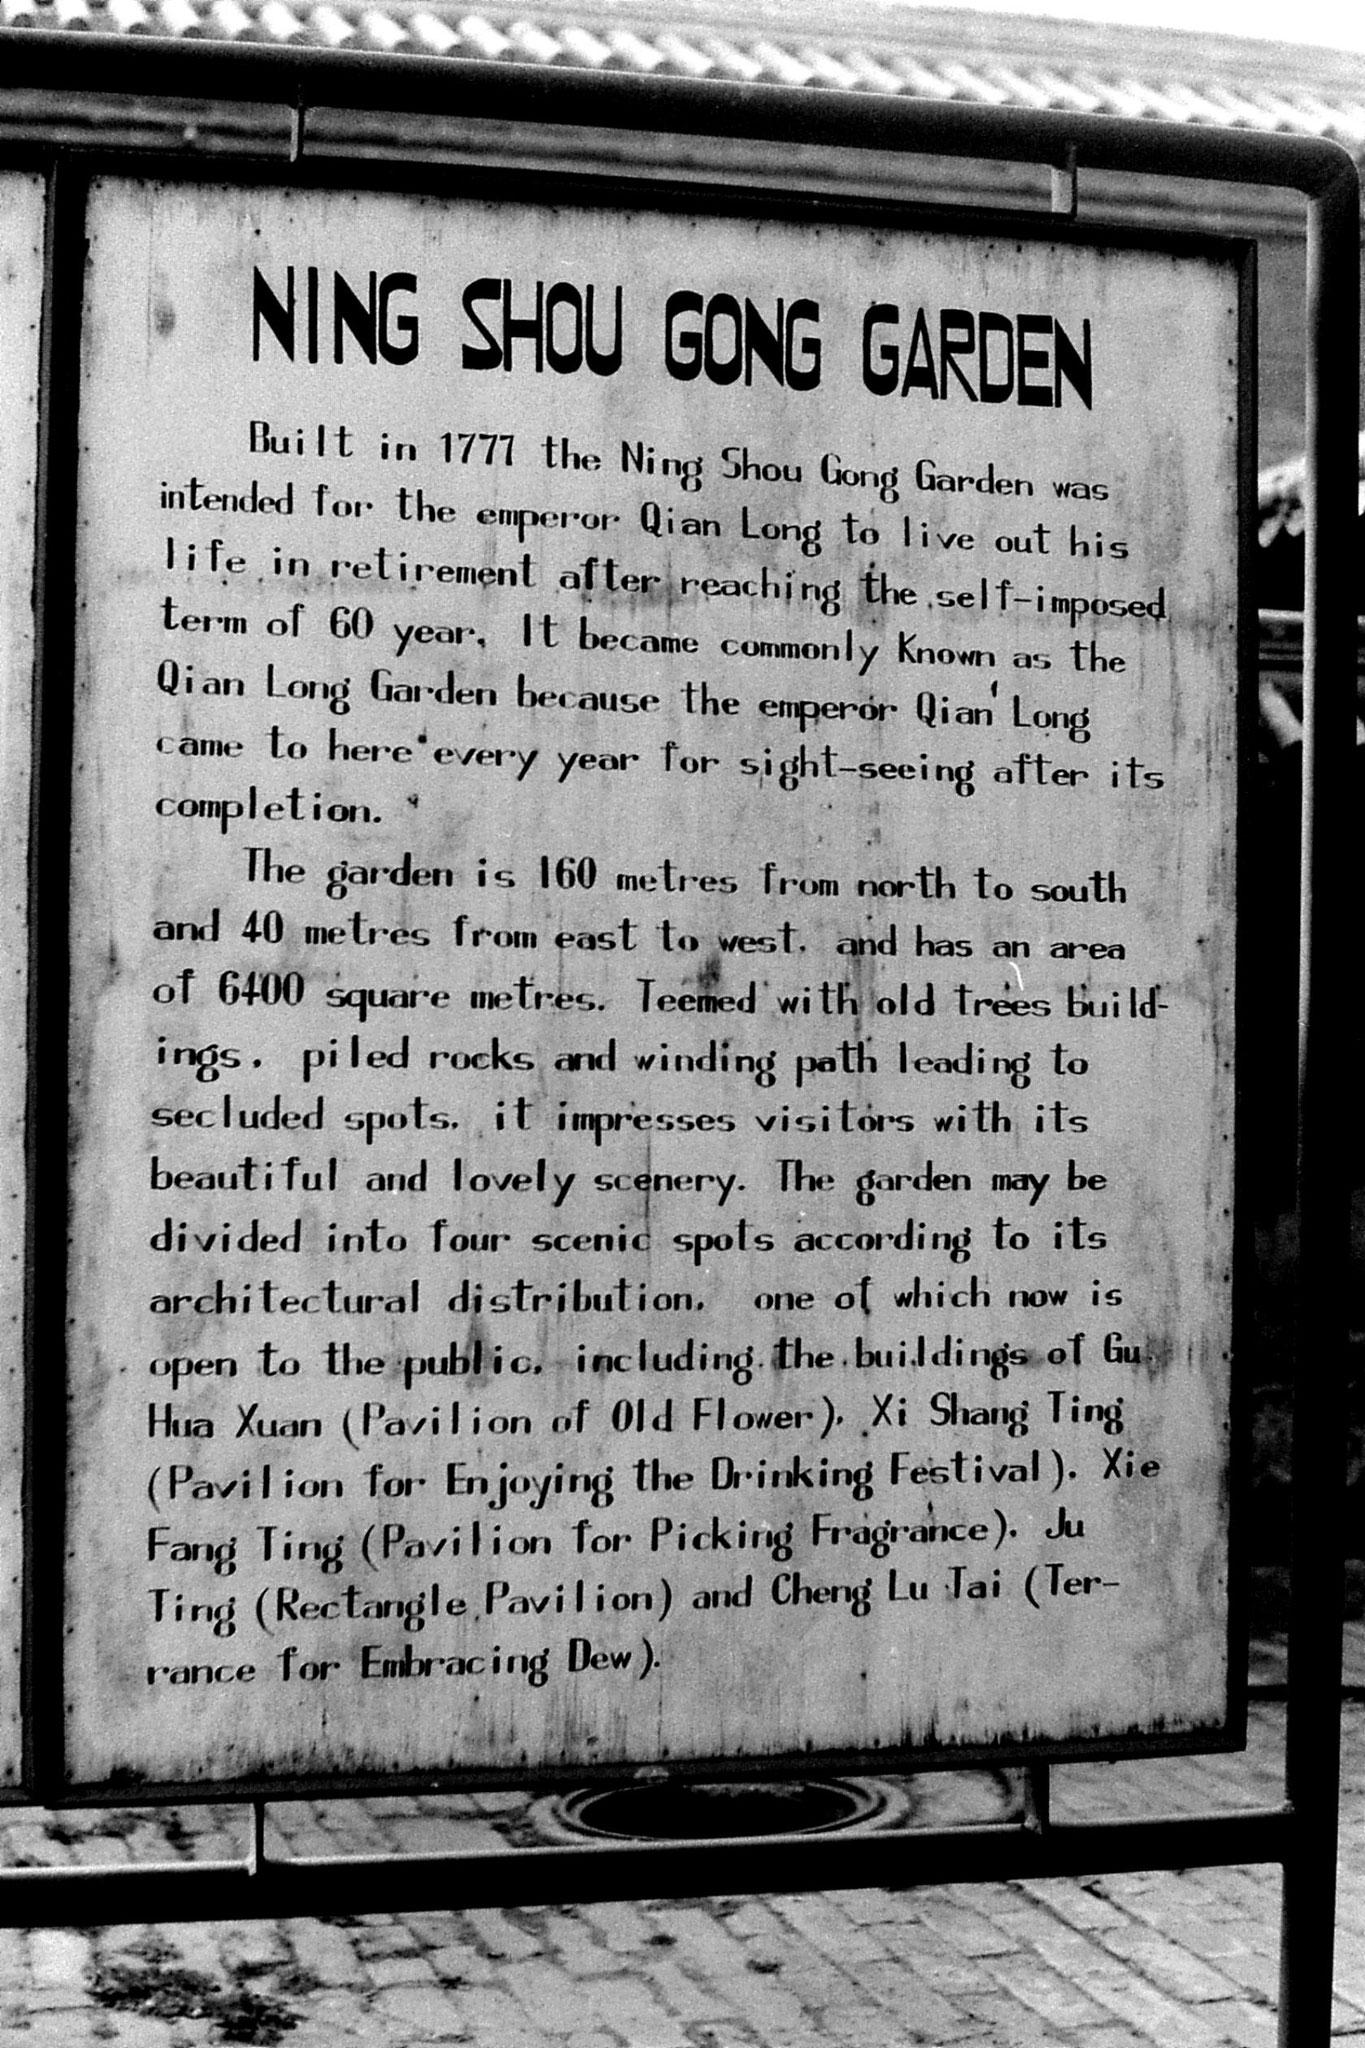 30/10/1988: 1: Beijing, Ning Shou Gong Garden info